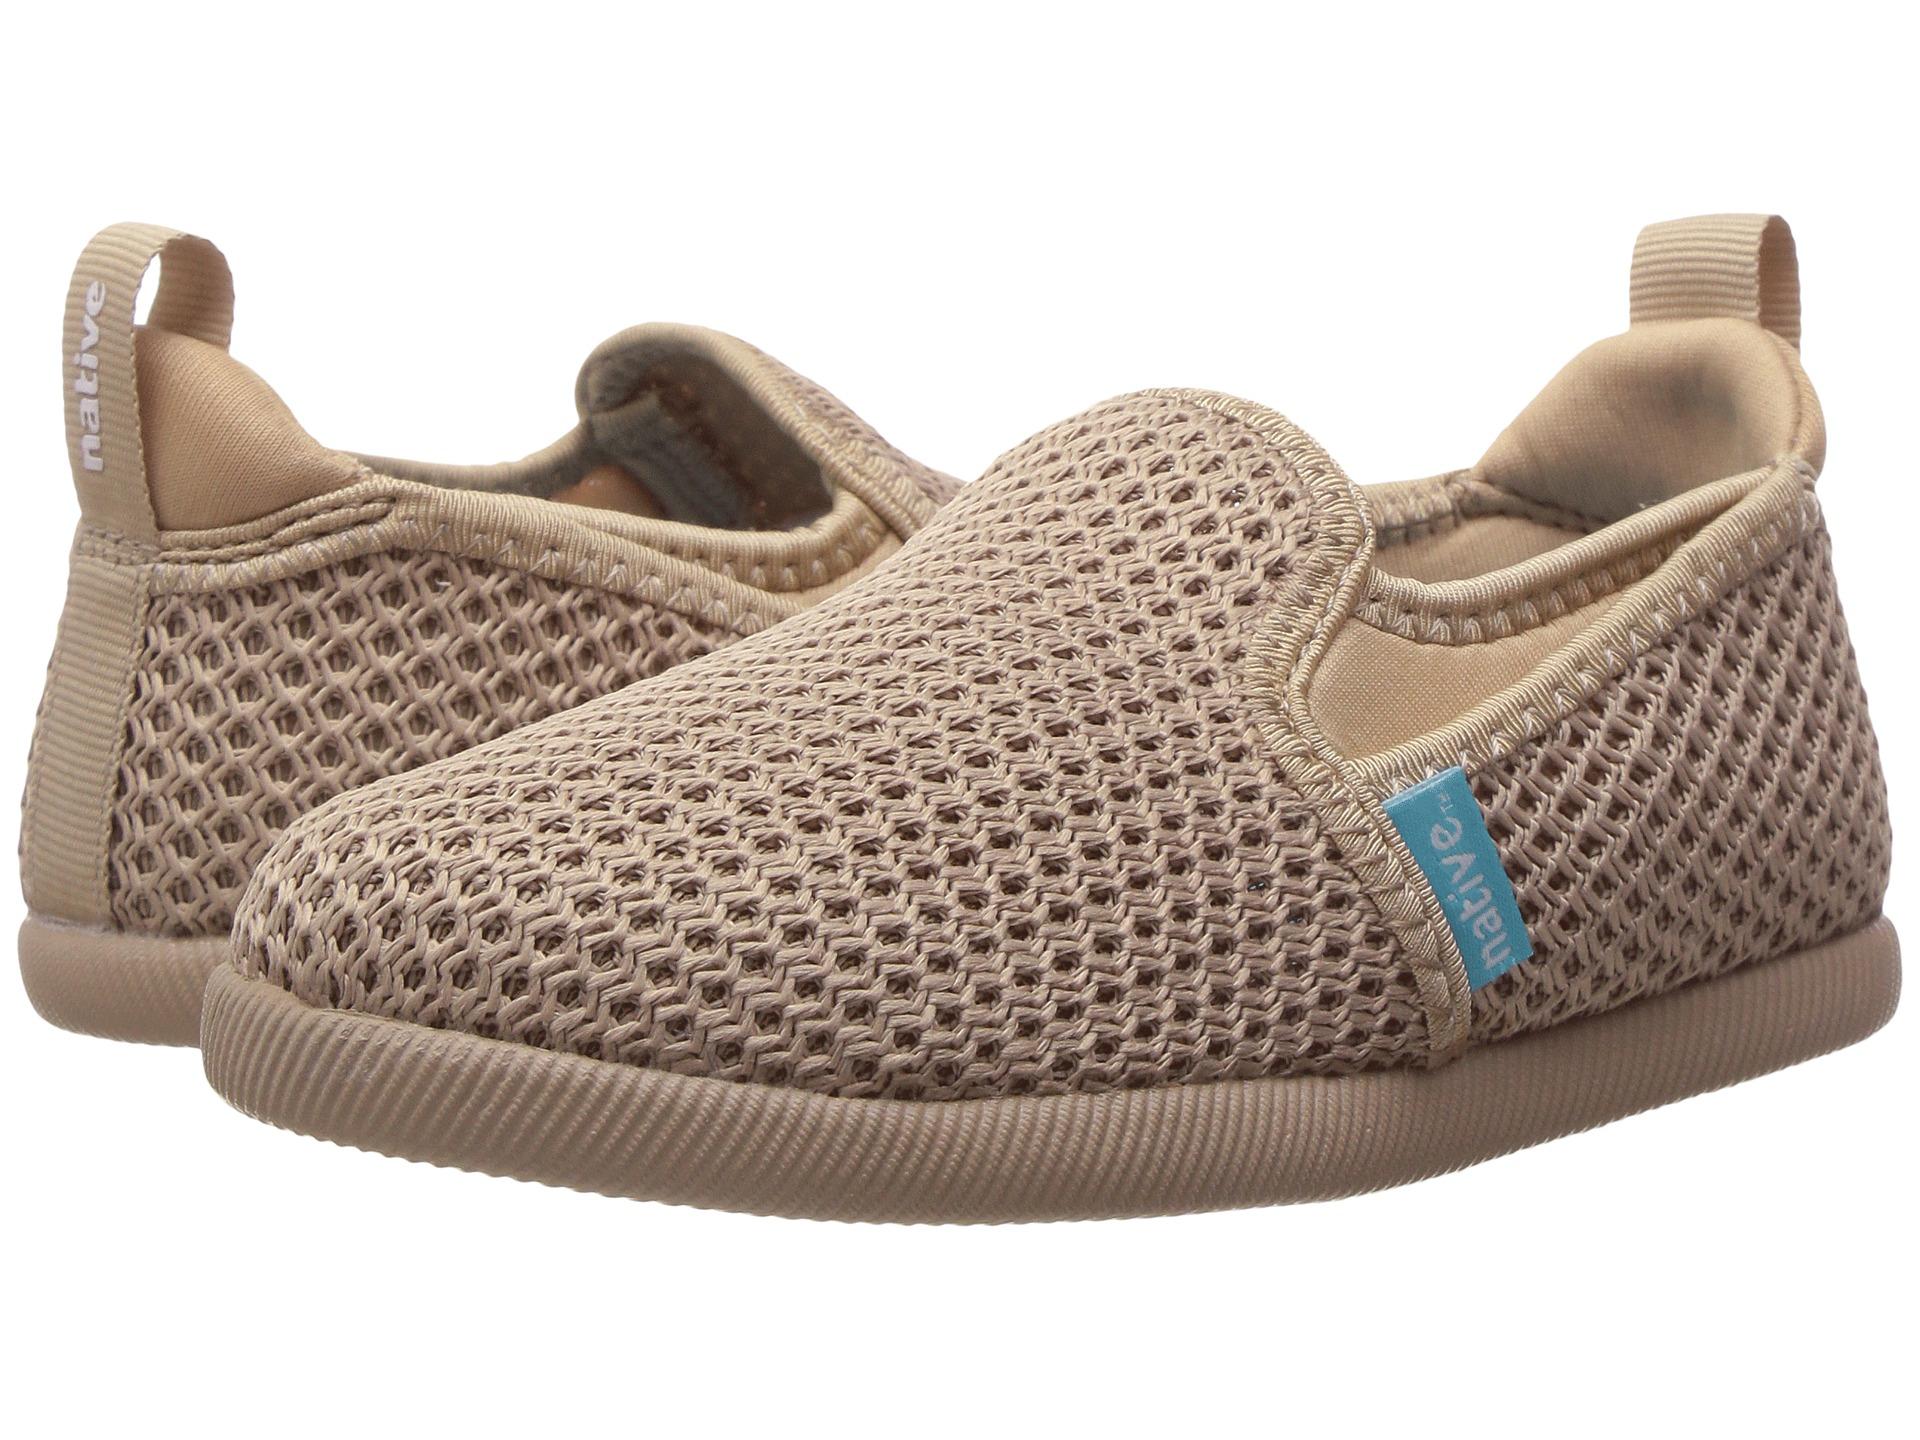 Rocky Brand Slip On Shoes Size  M